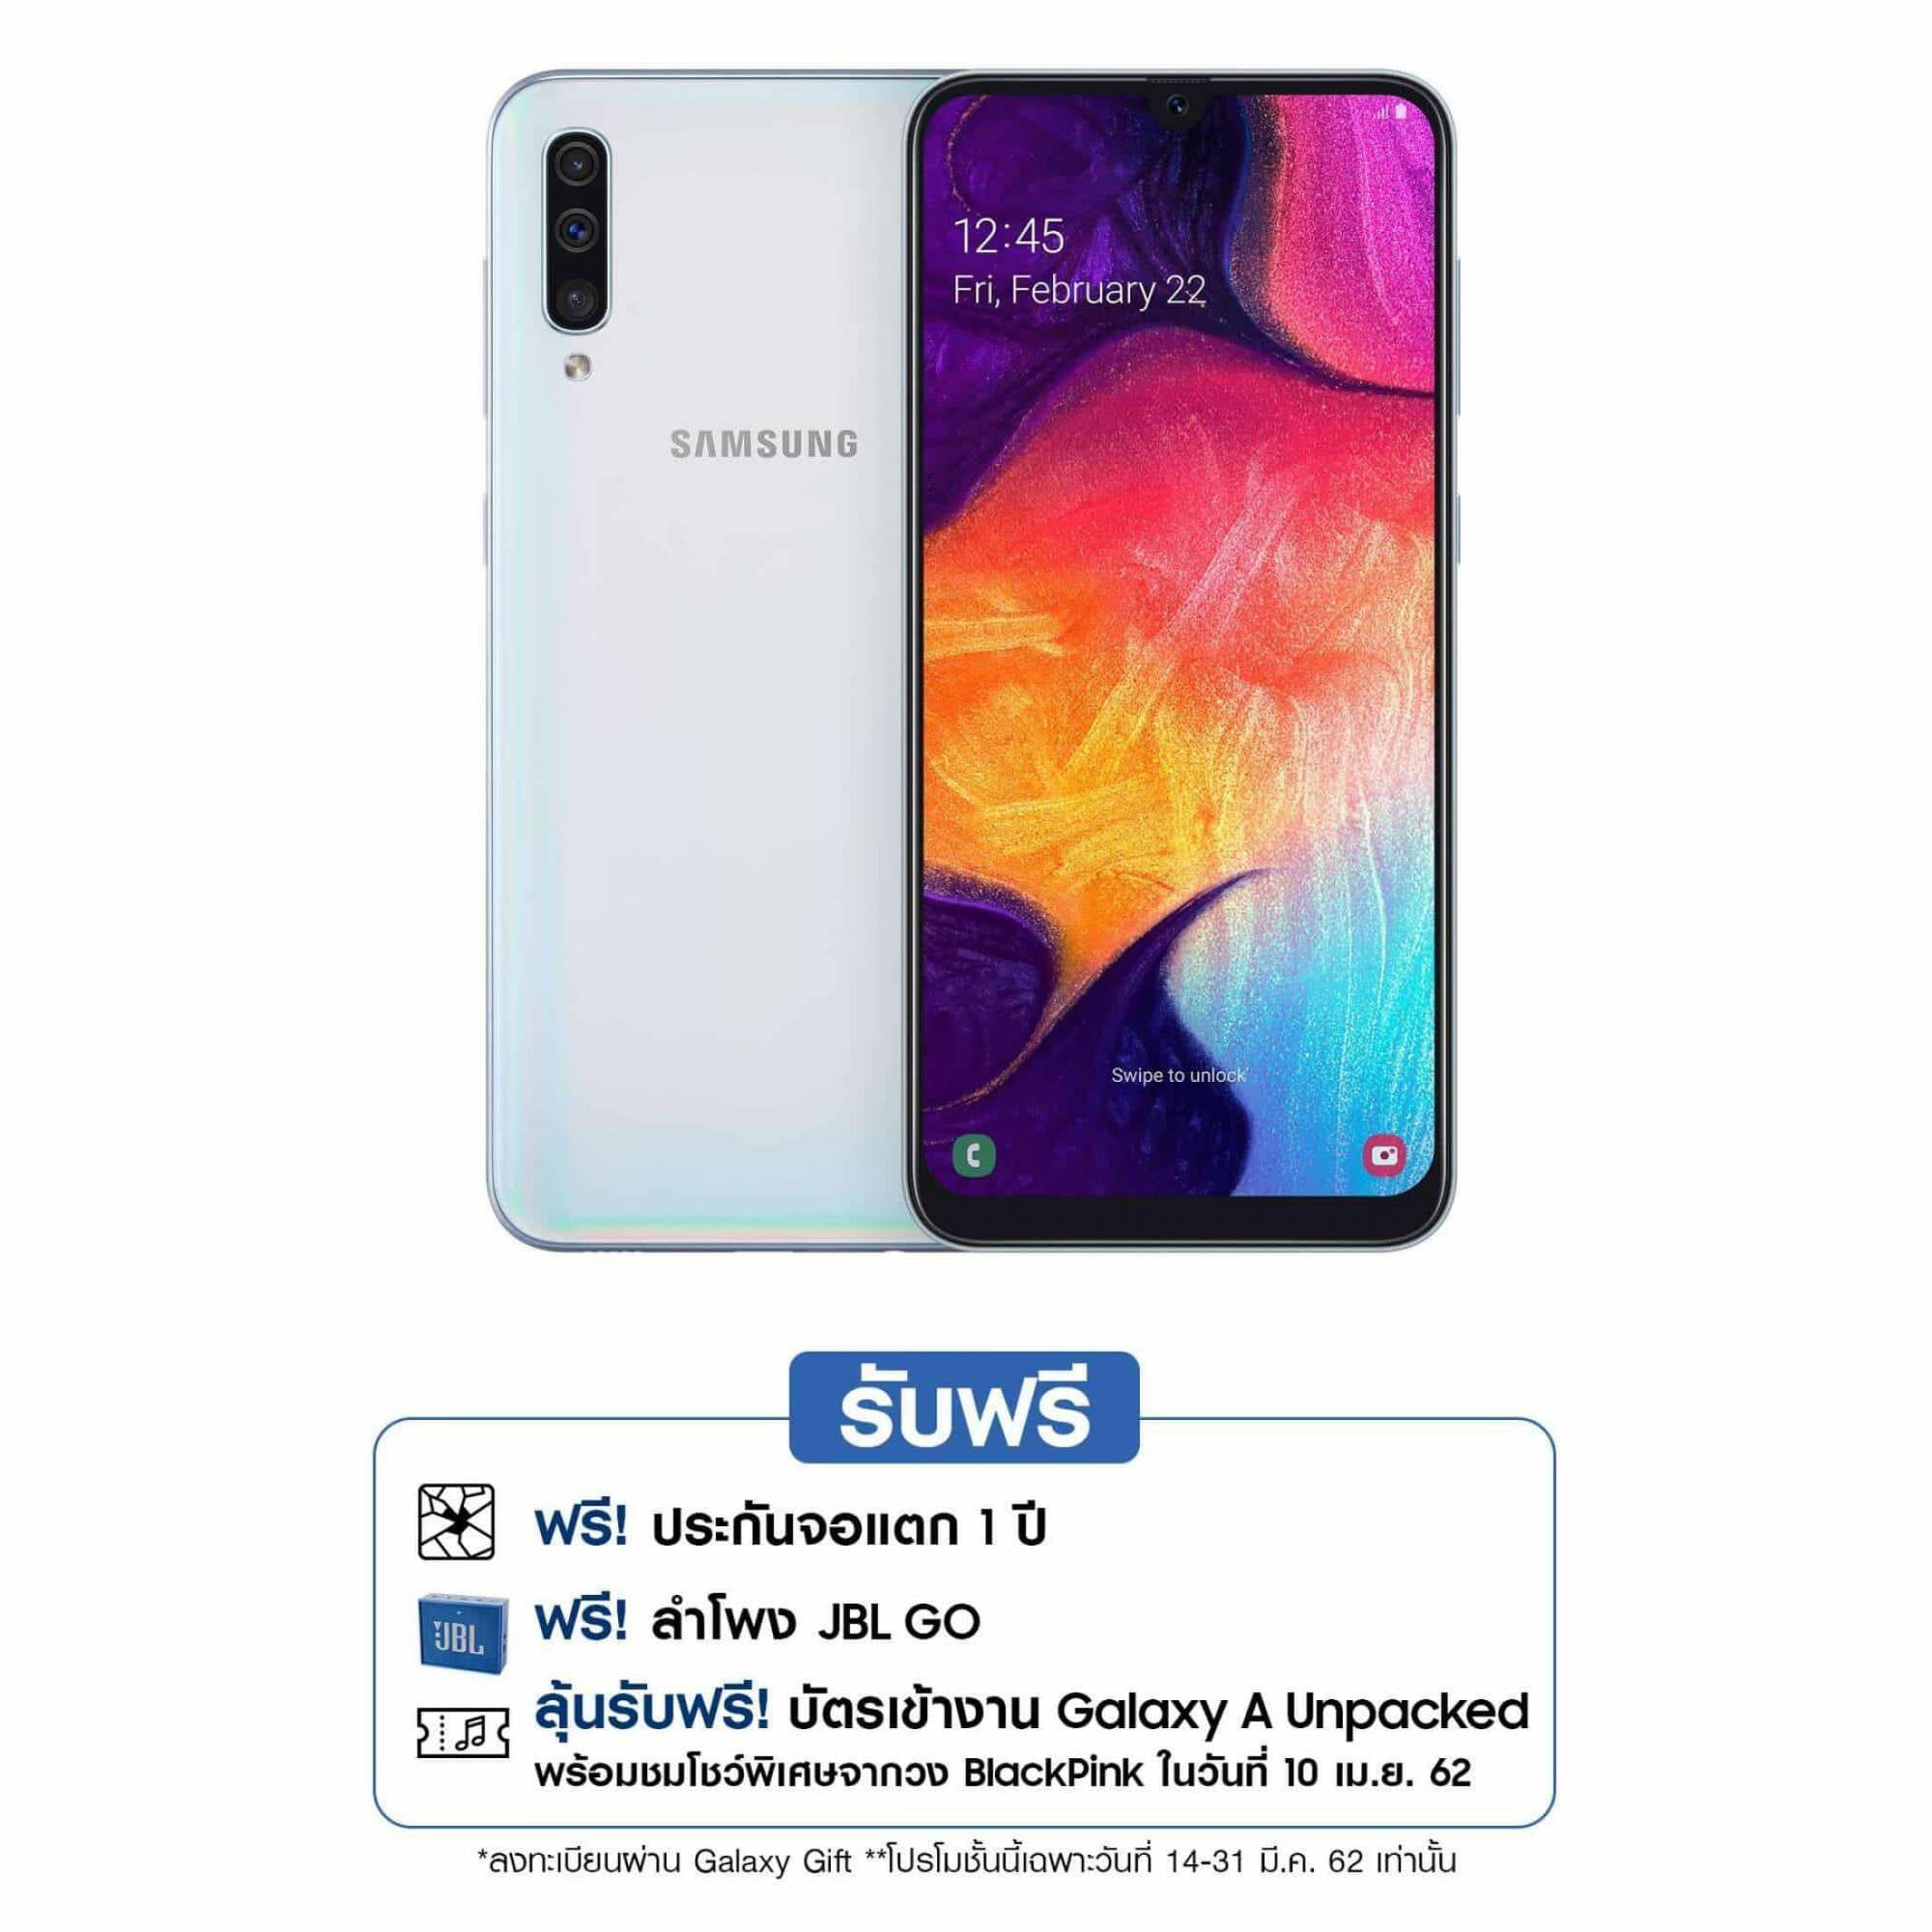 - เปิดตัว Samsung Galaxy A30 และ A50 พร้อมลุ้นชม Blackpink สุดเอ็กซ์คลูซีฟ